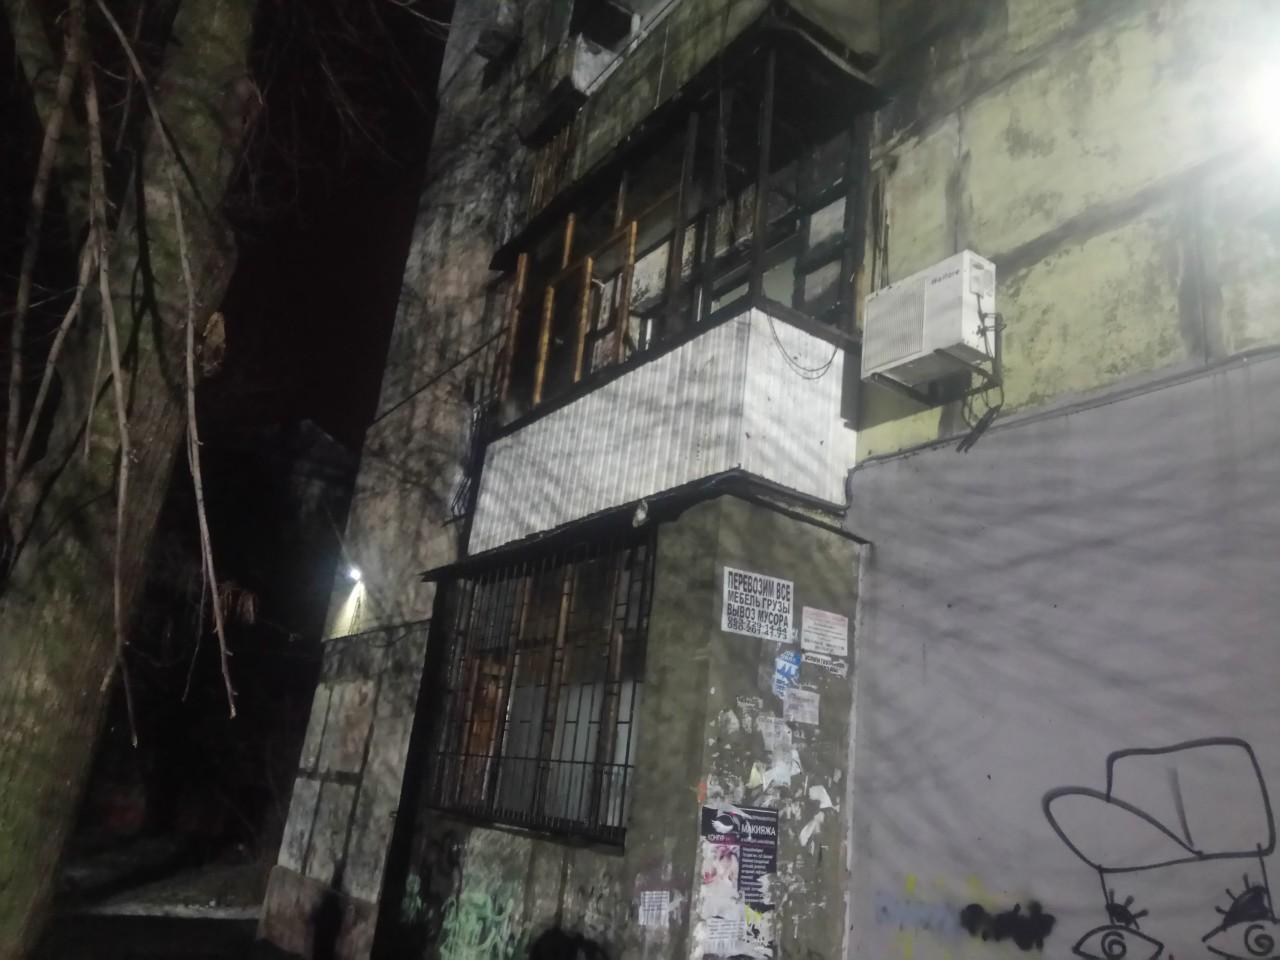 В Запорожье из-за заброшенной на балкон петарды загорелась квартира - ФОТО